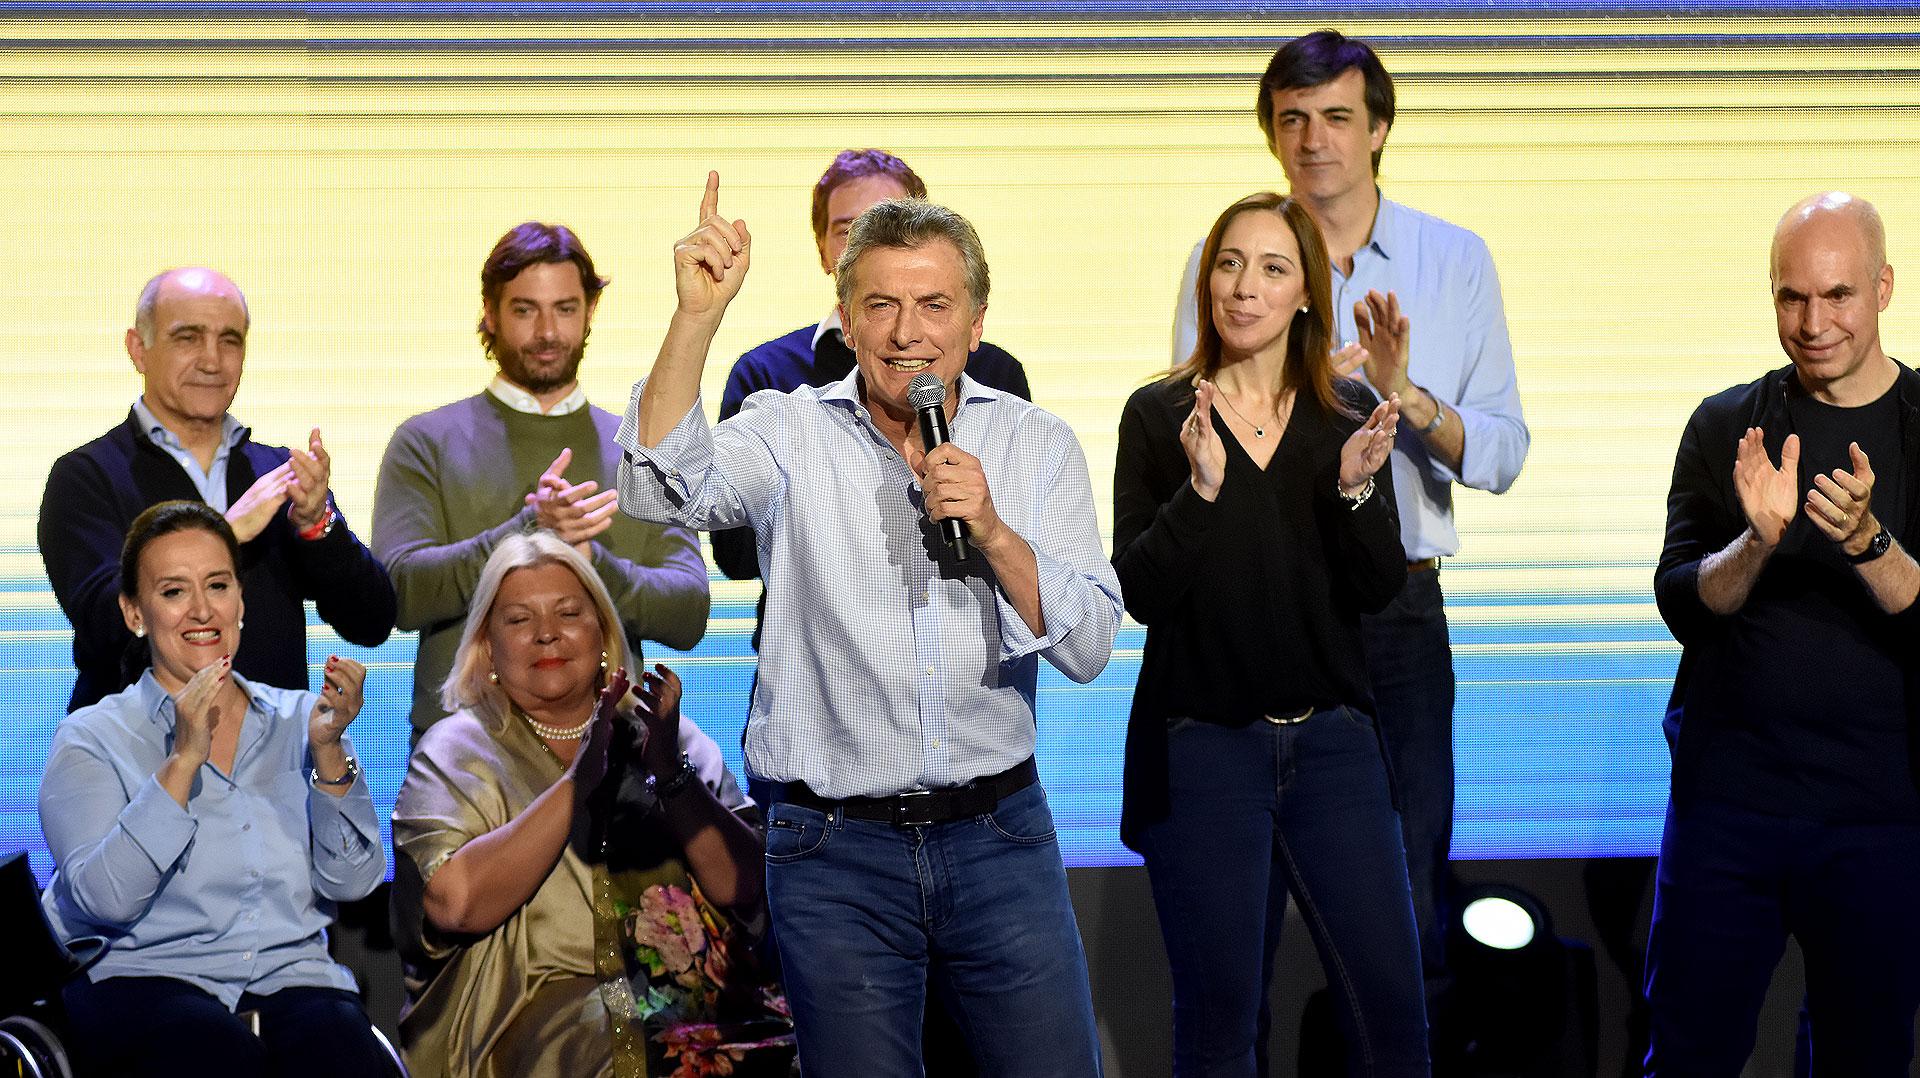 El gobierno busca repetir en las PASO el resultado de las elecciones legislativas del 2017 (Foto: Nicolás Stulberg)